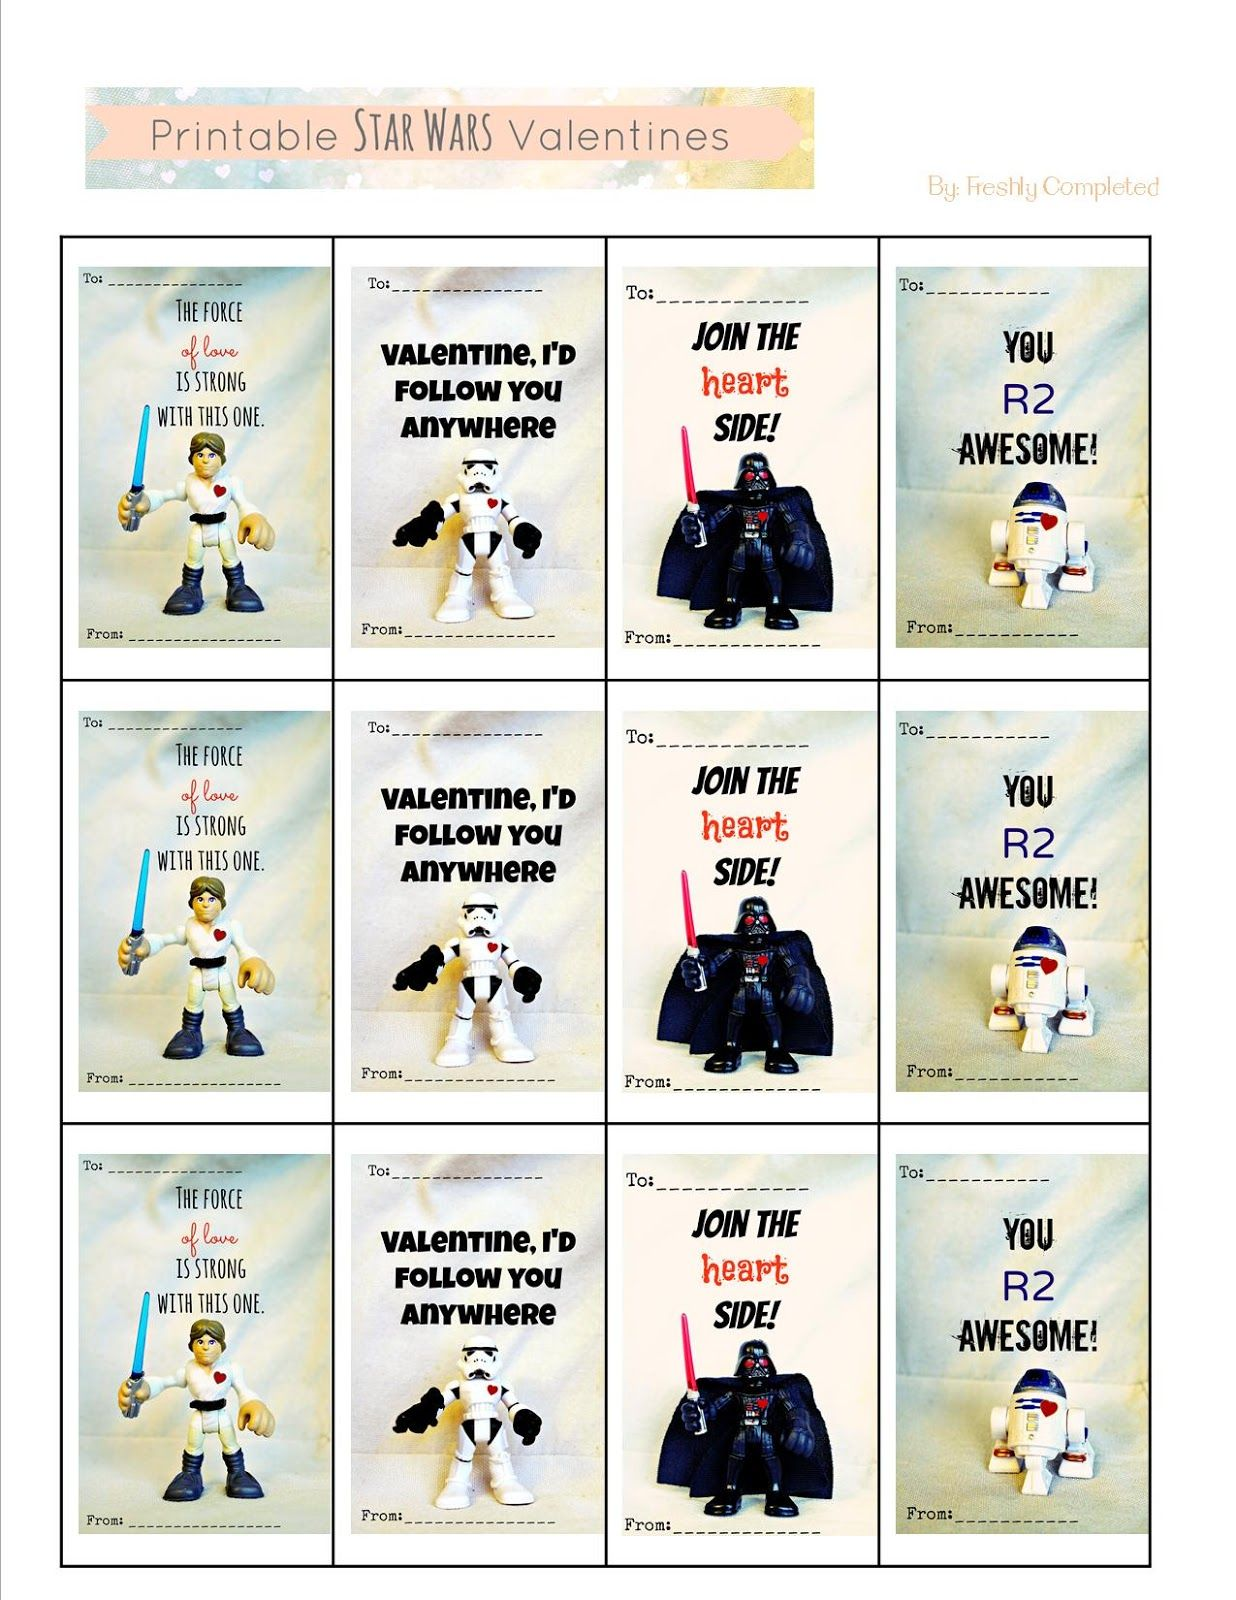 Freshly Completed Printable Star Wars Valentines Kids